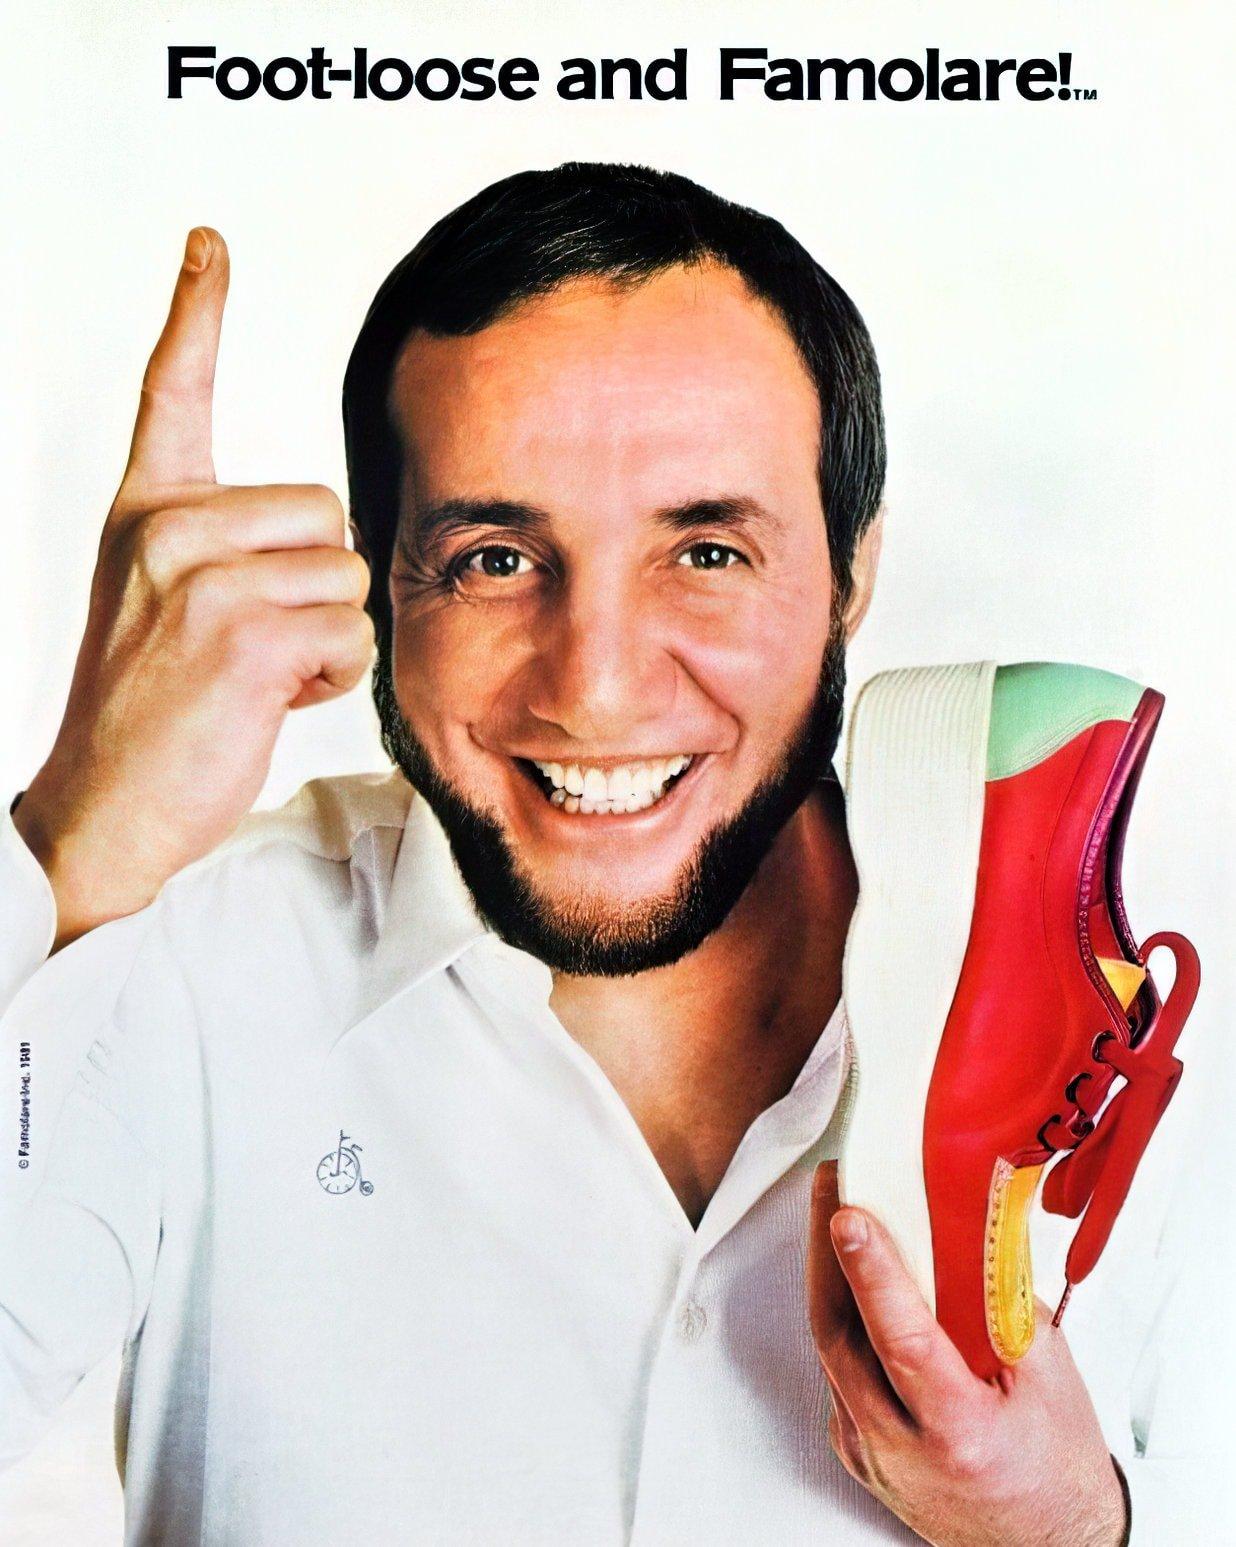 Joe Famolare - Vintage shoes